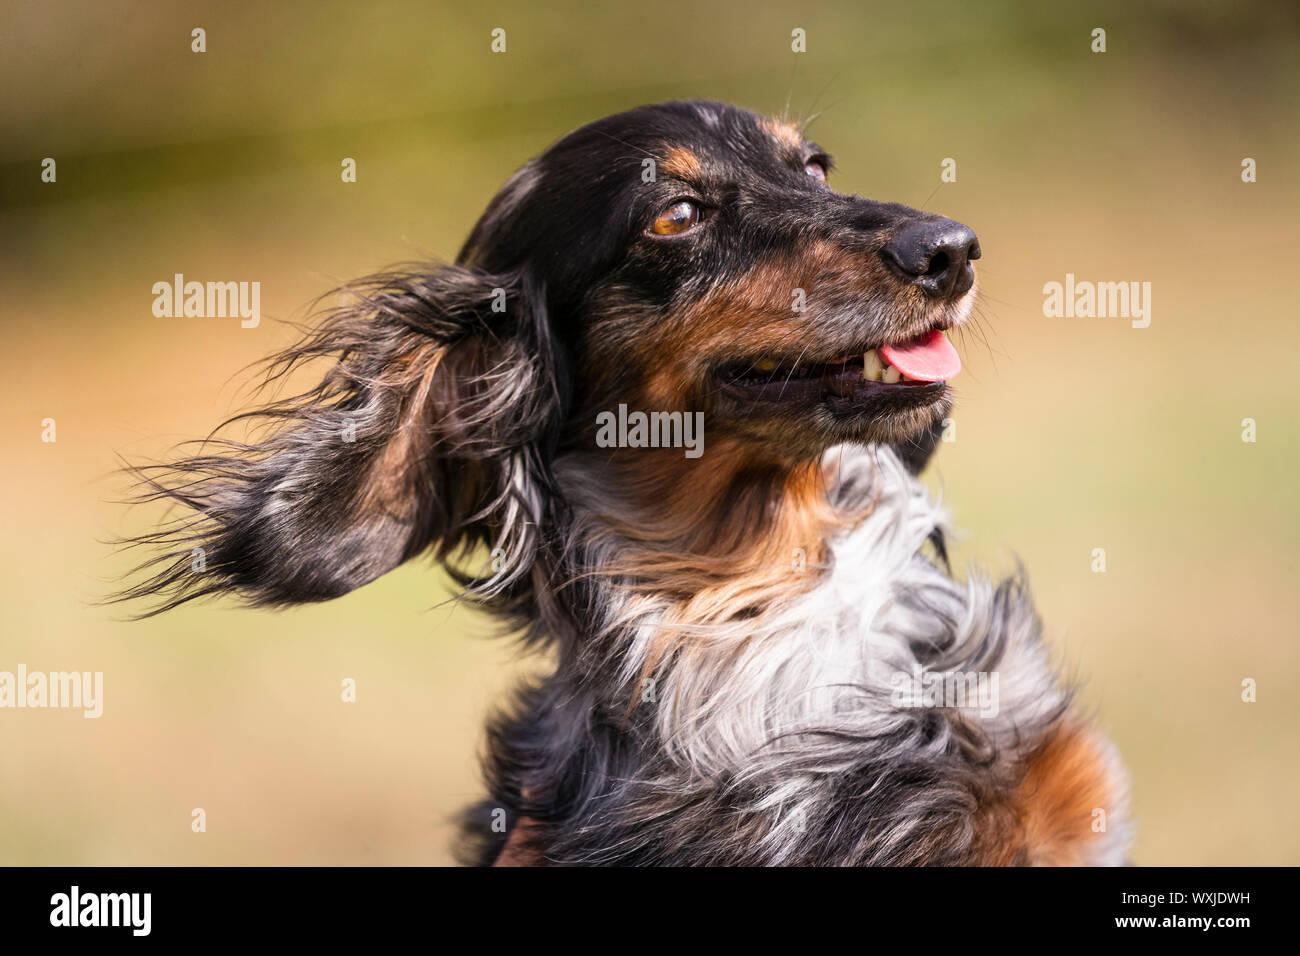 Teckel de pelo largo. Retrato de Merle adulto. Alemania Foto de stock